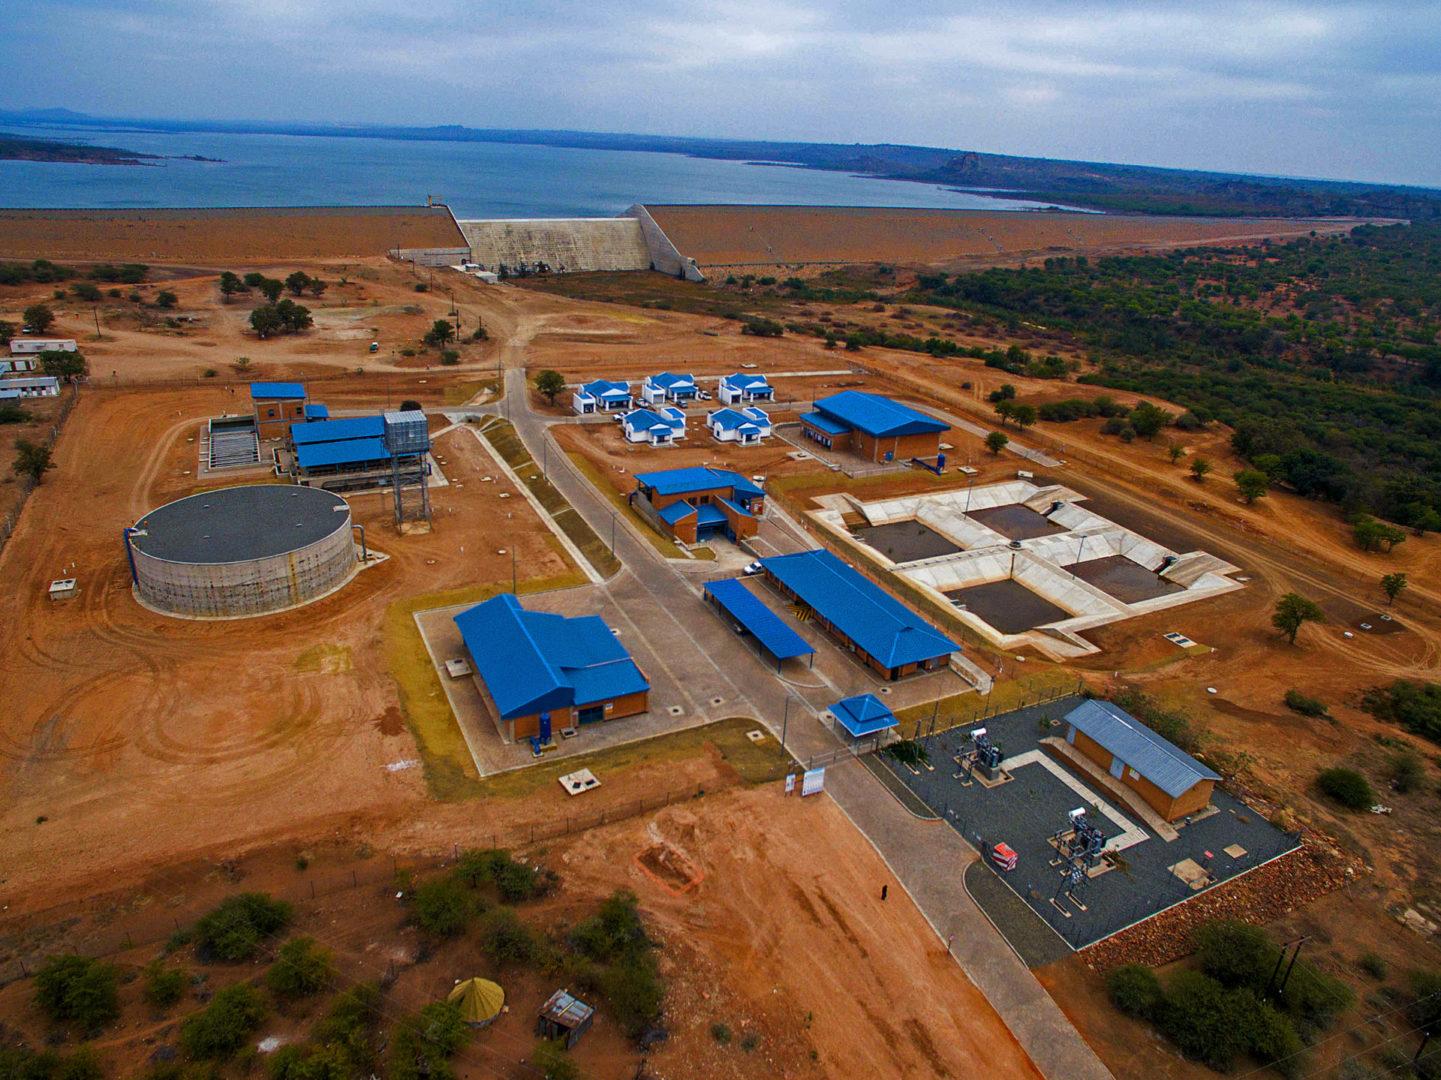 Water 4.0 for Botswana